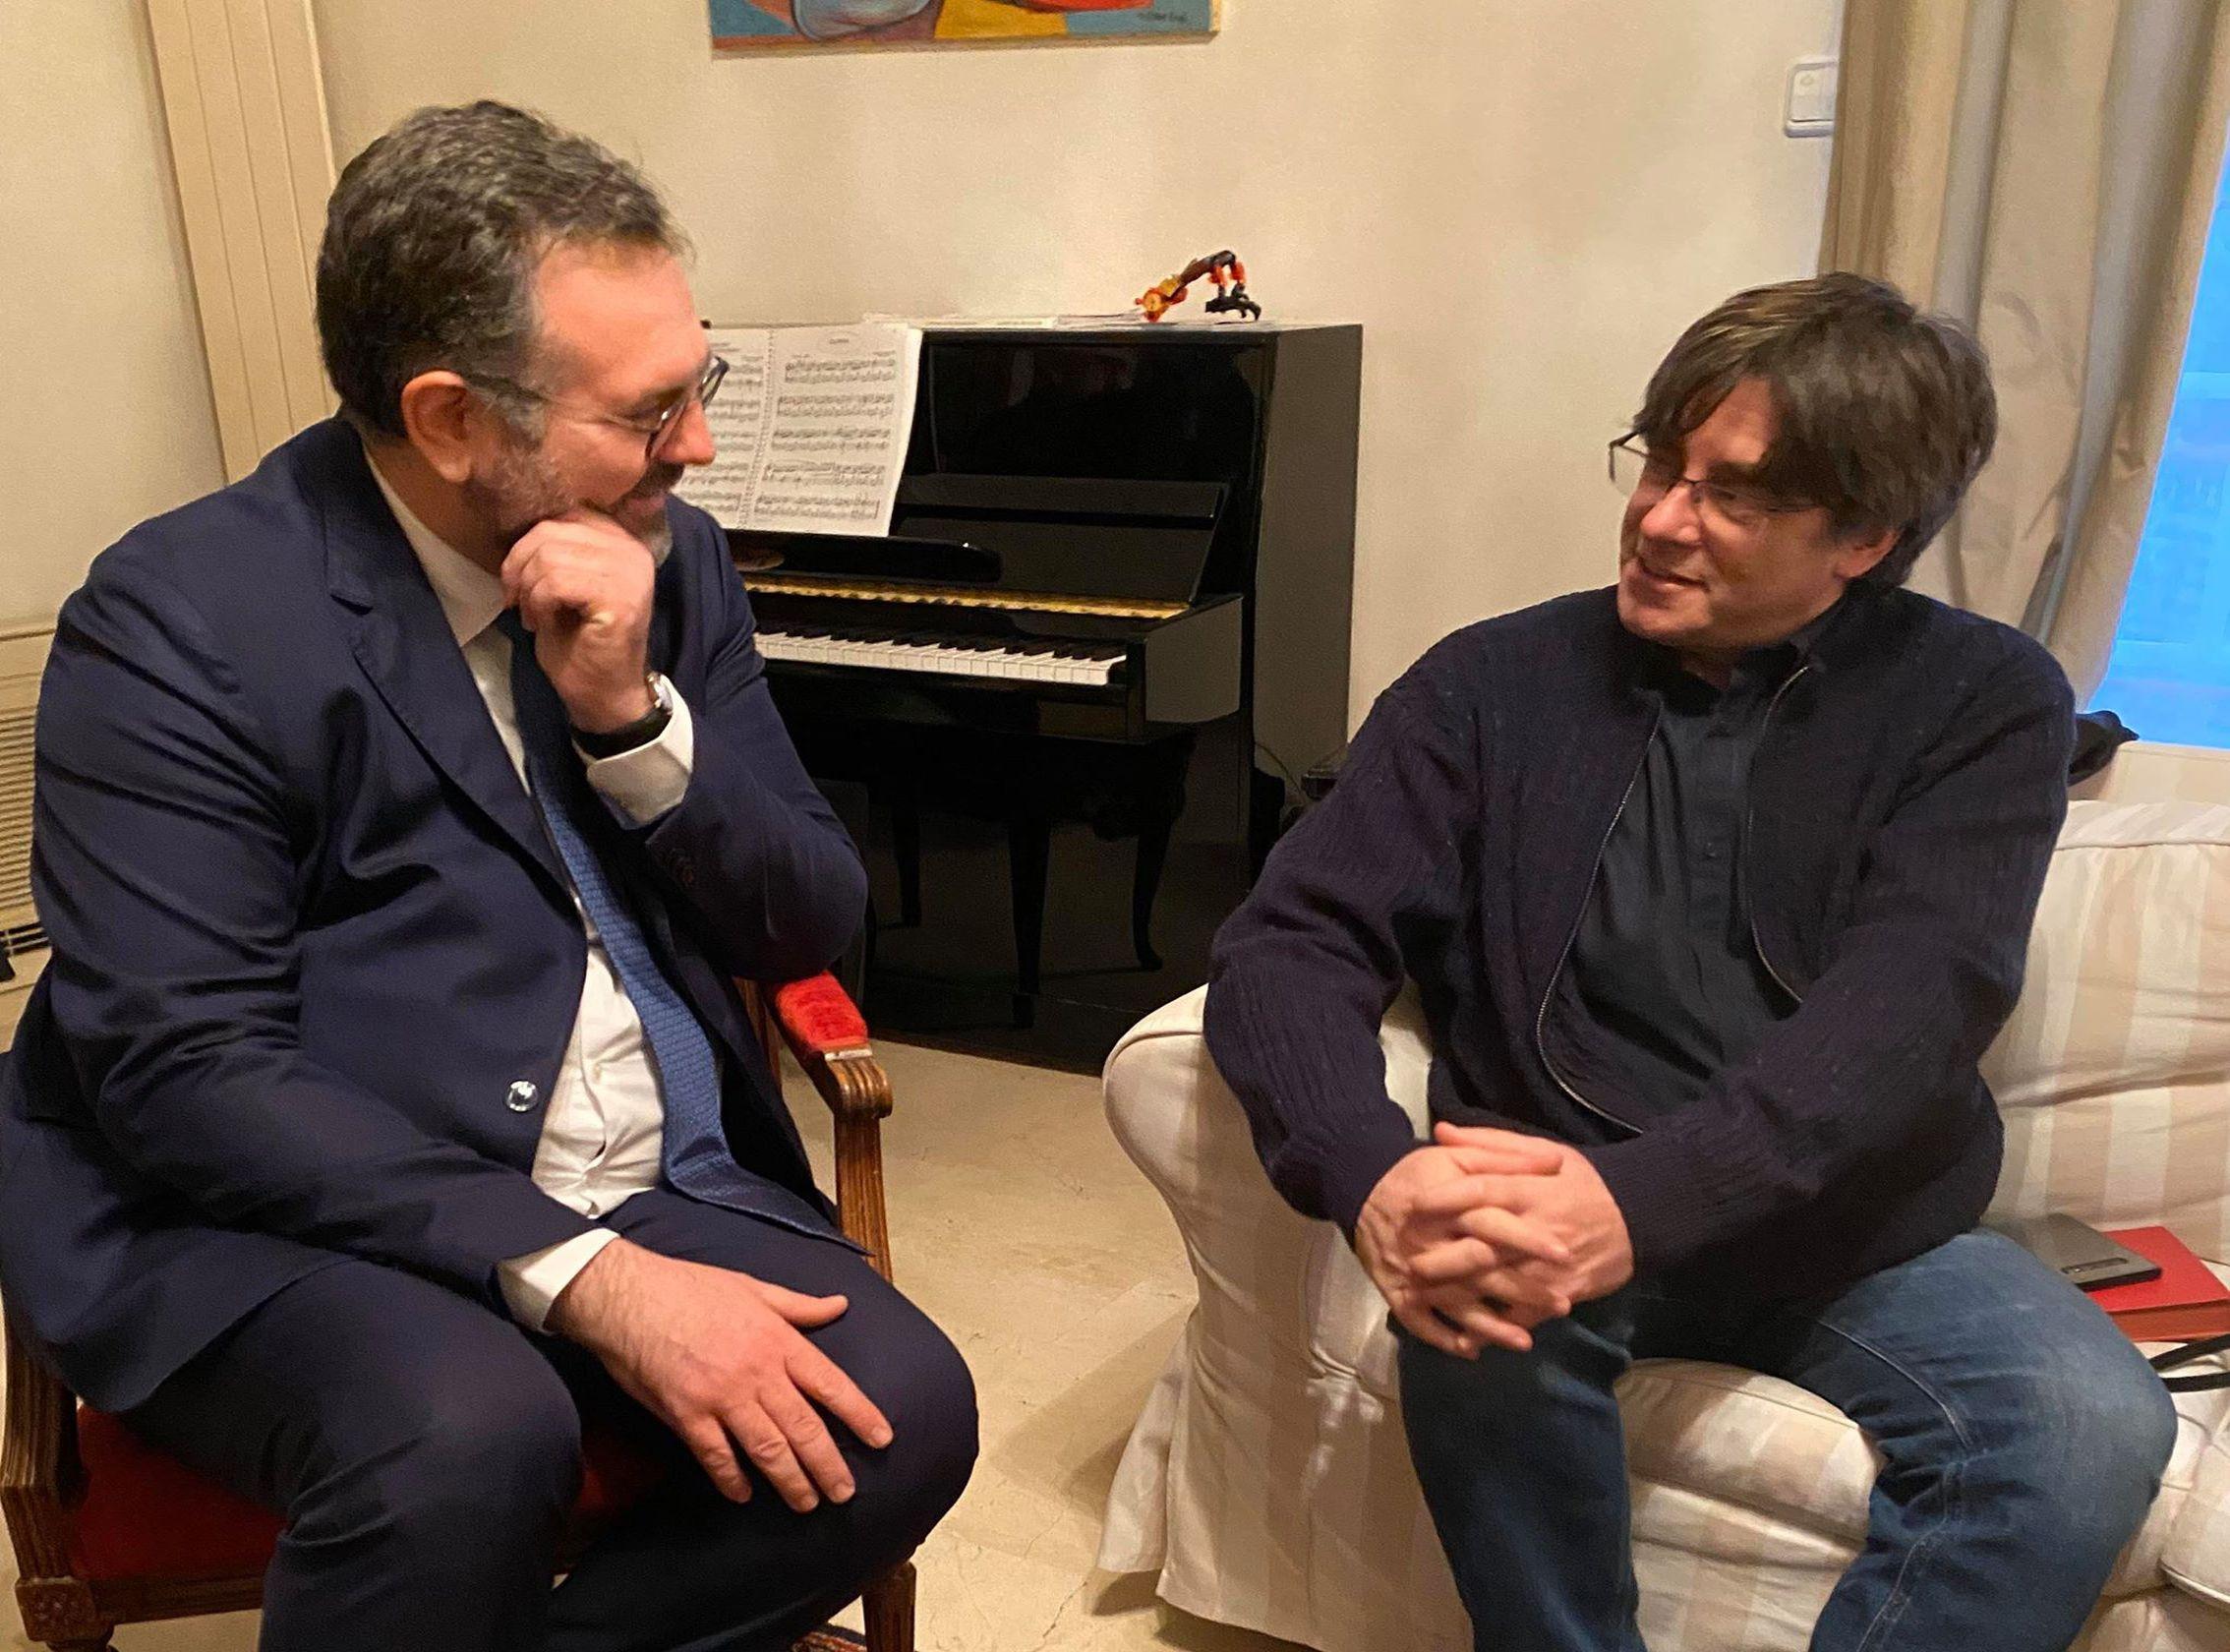 Romain Grau, diputat nord-català i candidat a l'alcaldia de Perpinyà, amb el president Puigdemont | Sí al País Català